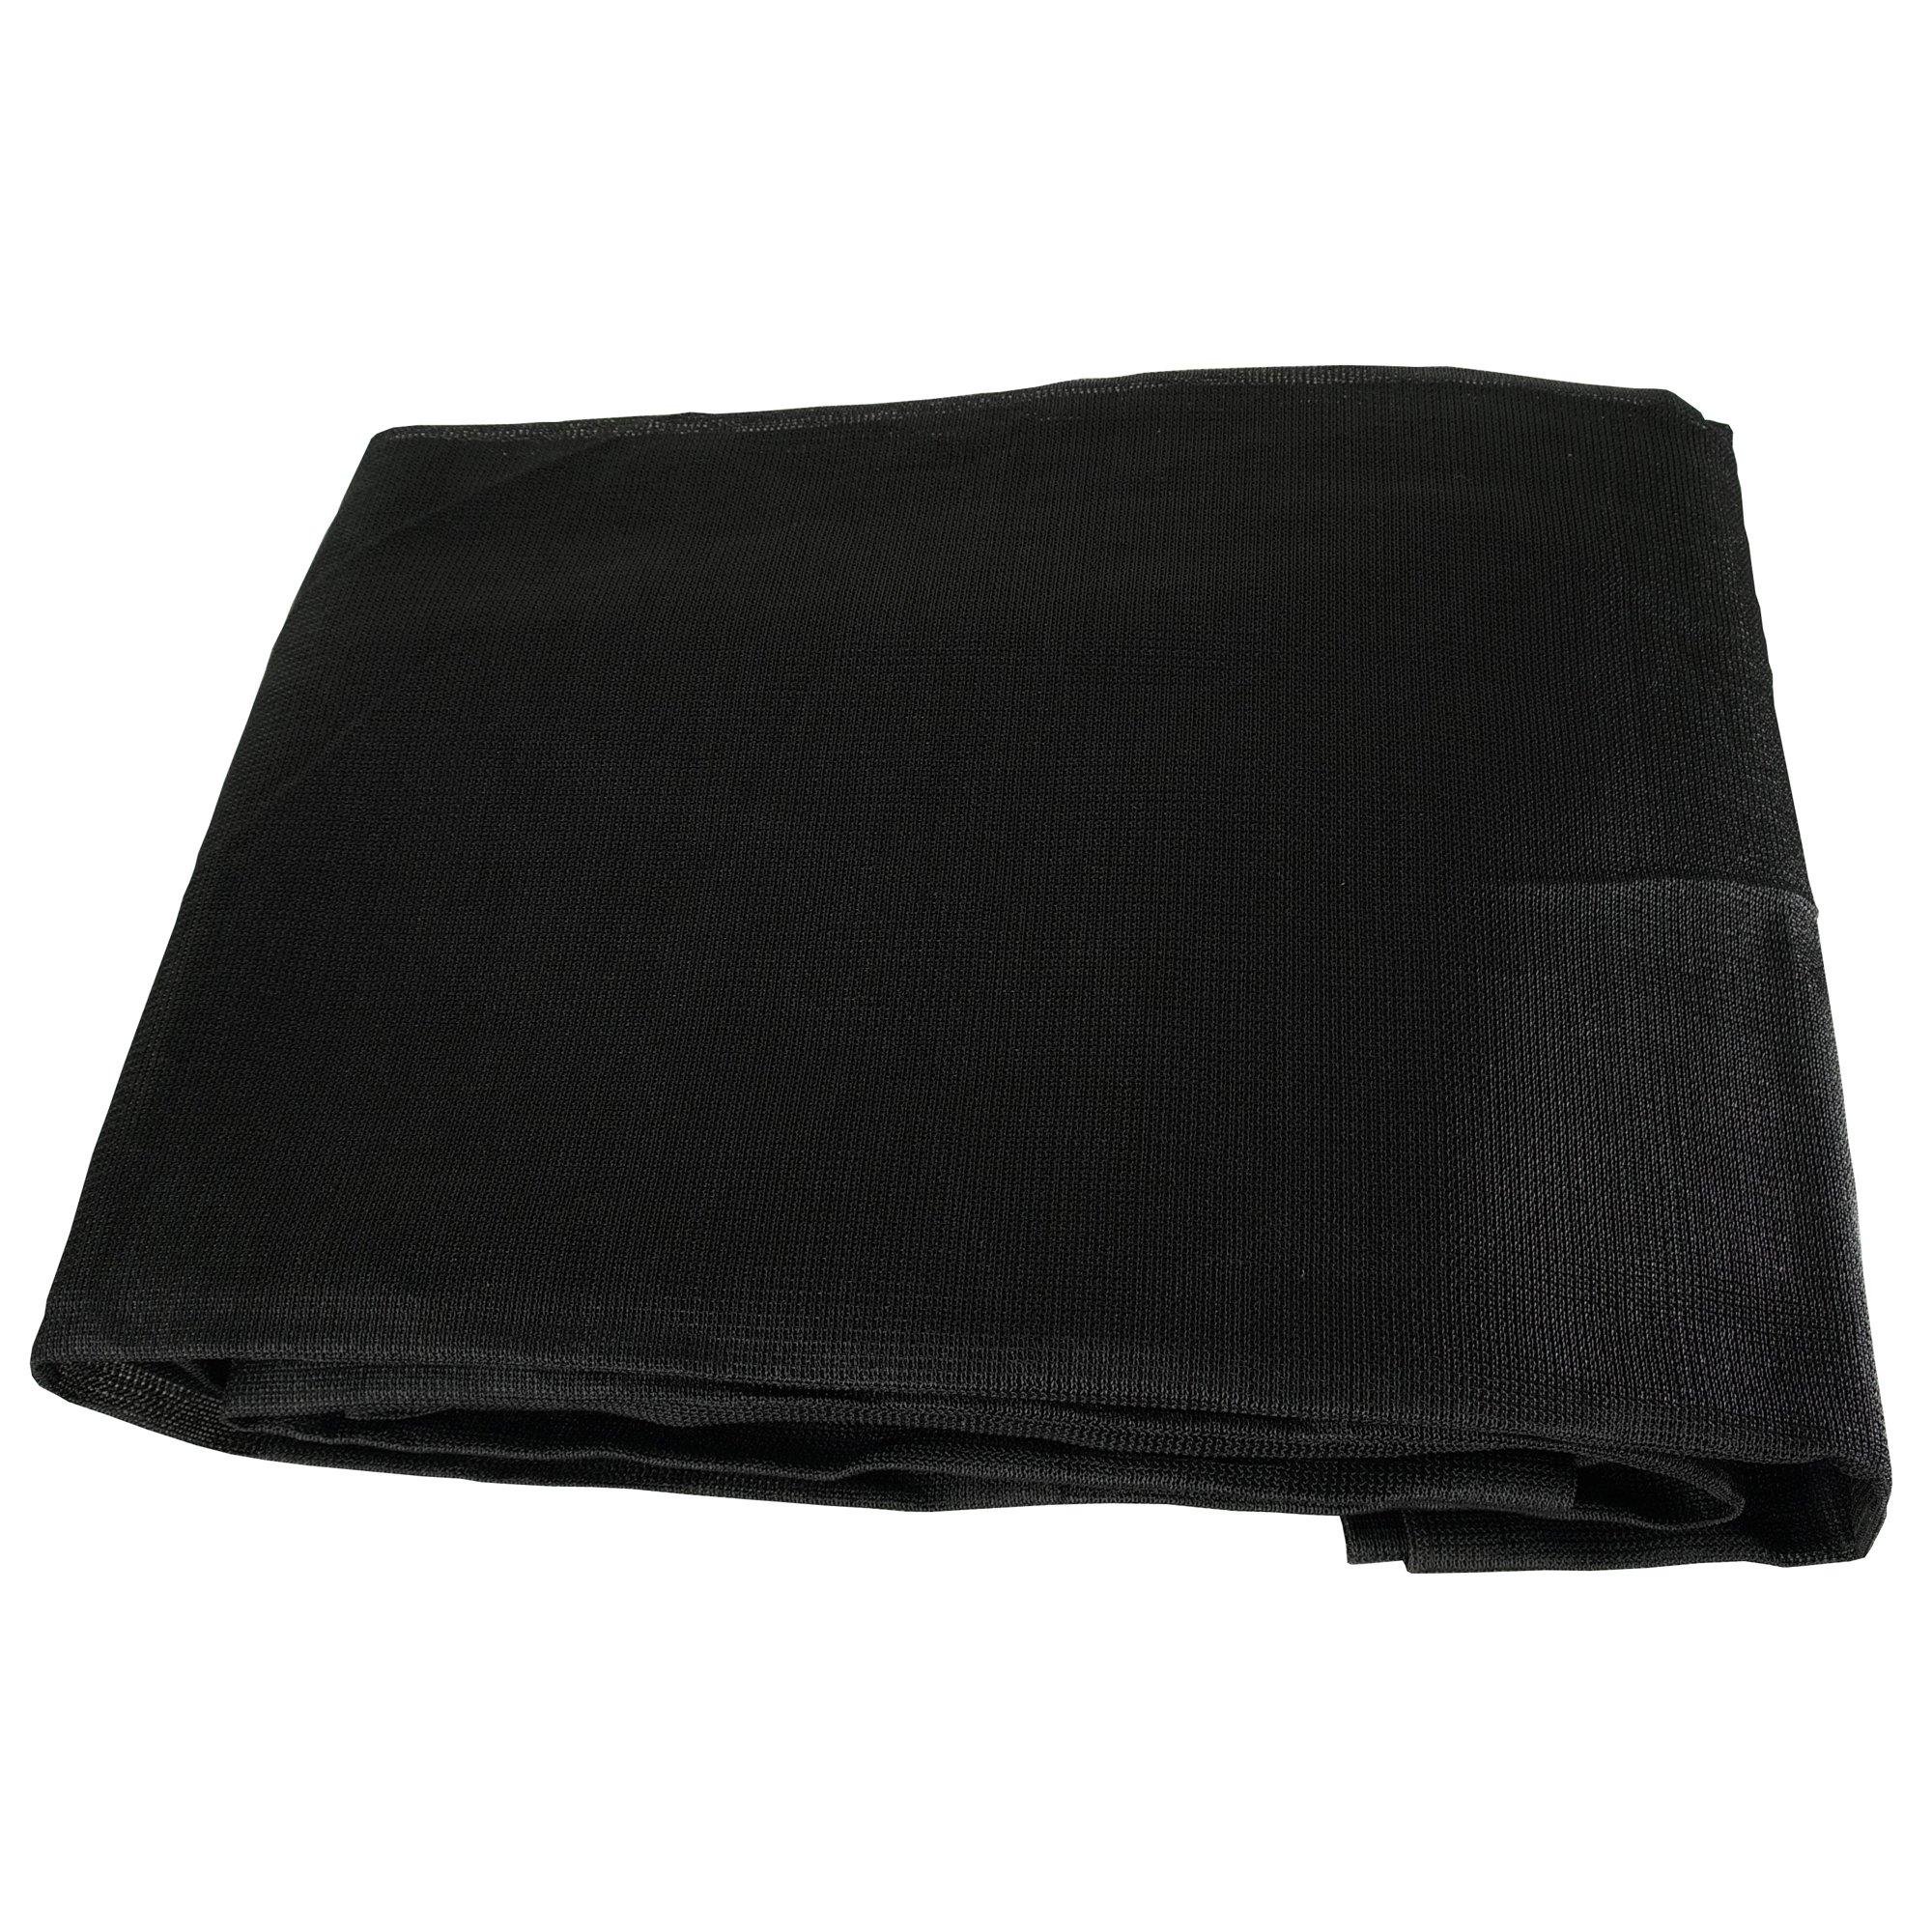 Black Mesh 12x12 Heavy Duty UV Screen Shade Canopy Patio Yard Tarp Sun Cover